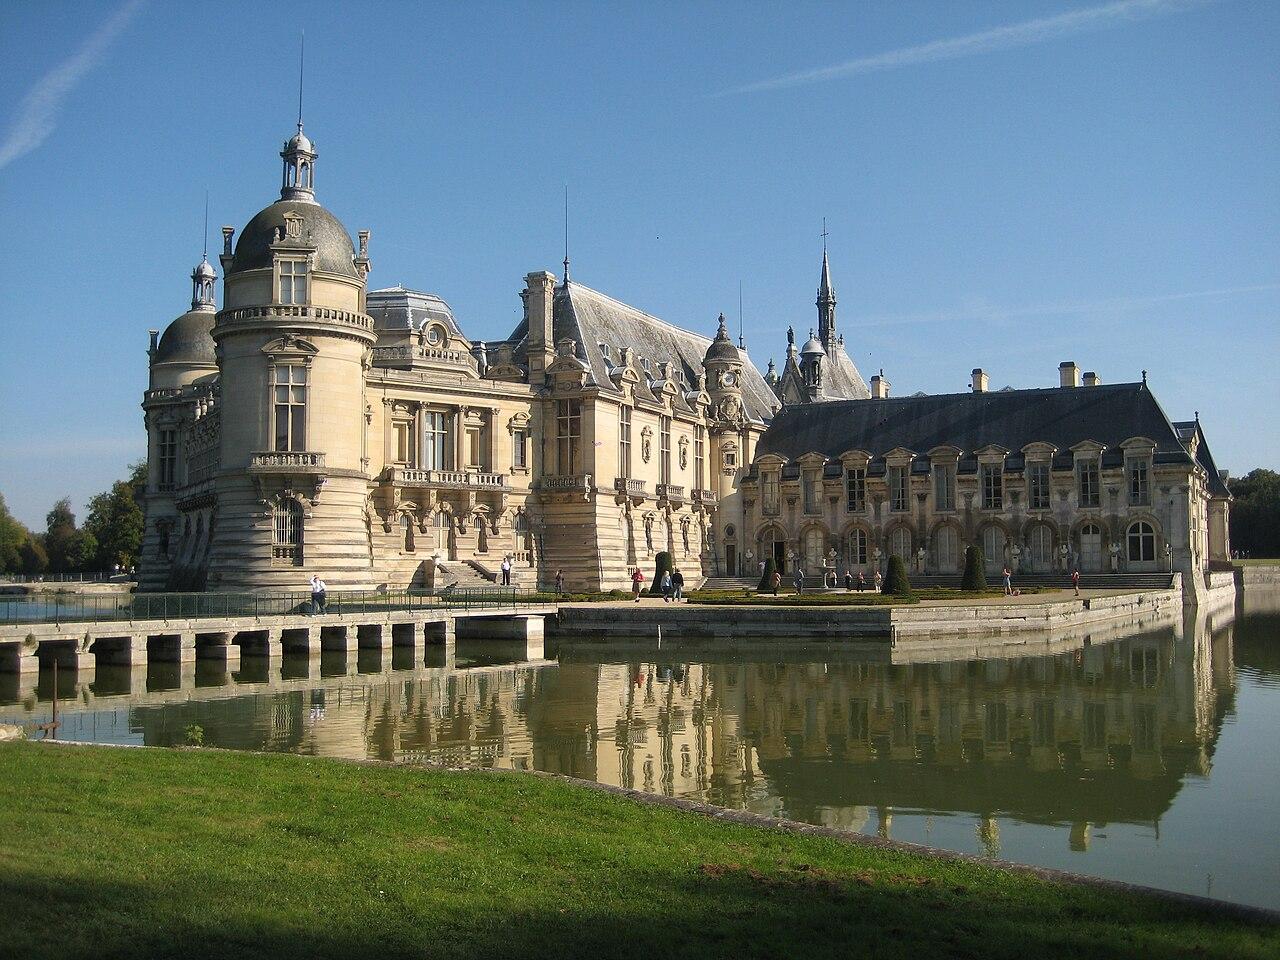 Chantilly France  City pictures : Fichier d'origine  3 072 × 2 304 pixels, taille du fichier : 2,91 ...